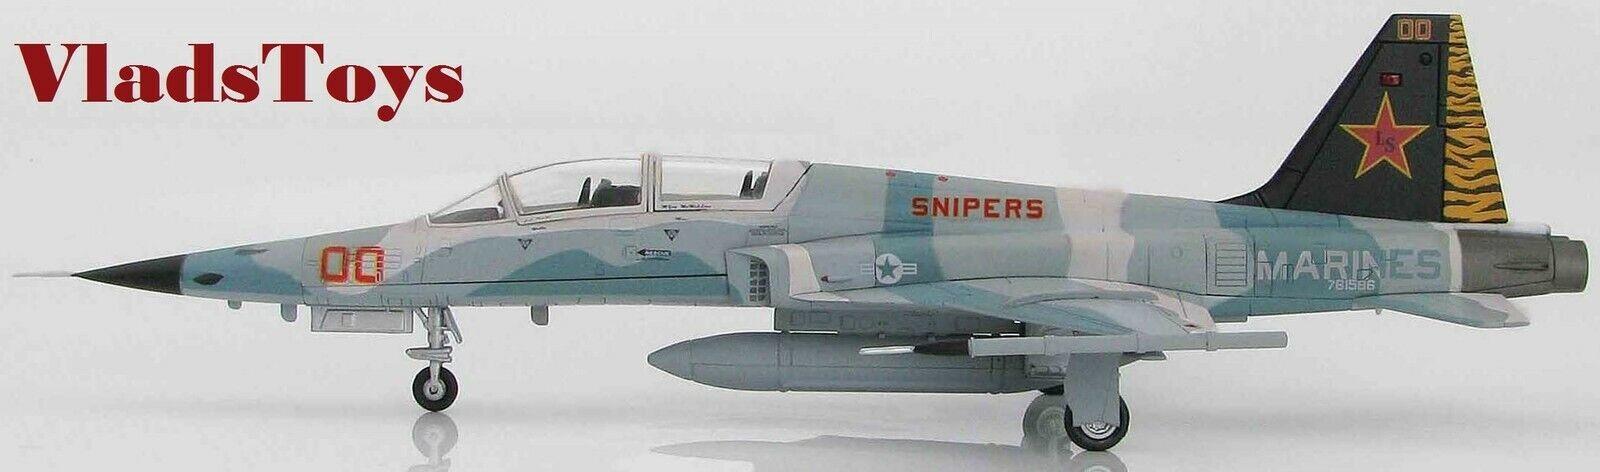 Hobby Master 1 72 F-5F Tiger II USMC VMFT-401 Snipers  rot 00  MCAS Yuma HA3324